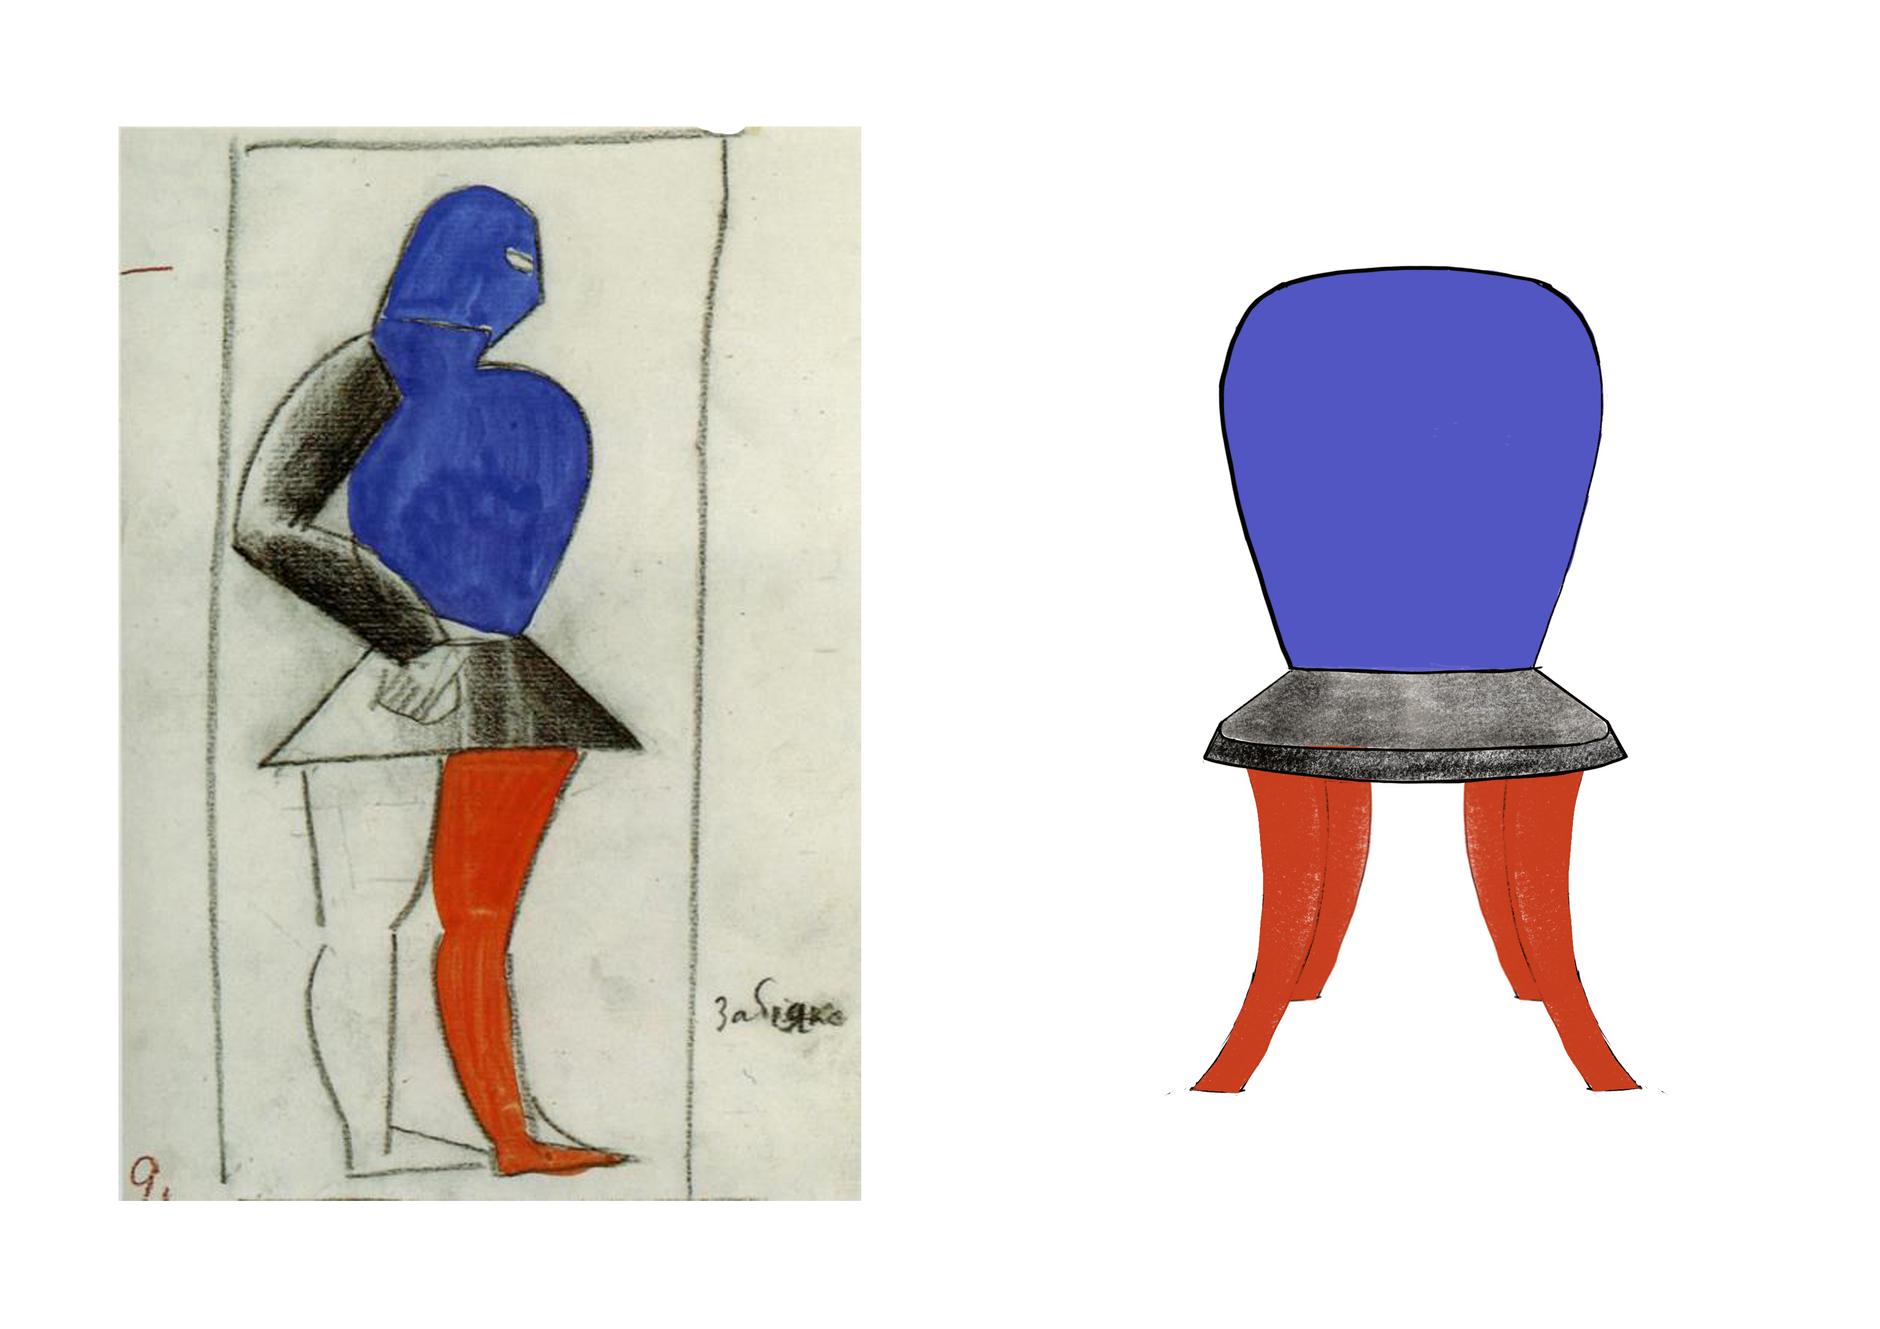 Стулья Анны Титовой по эскизам Казимира Малевича (галерея 6, фото 5)